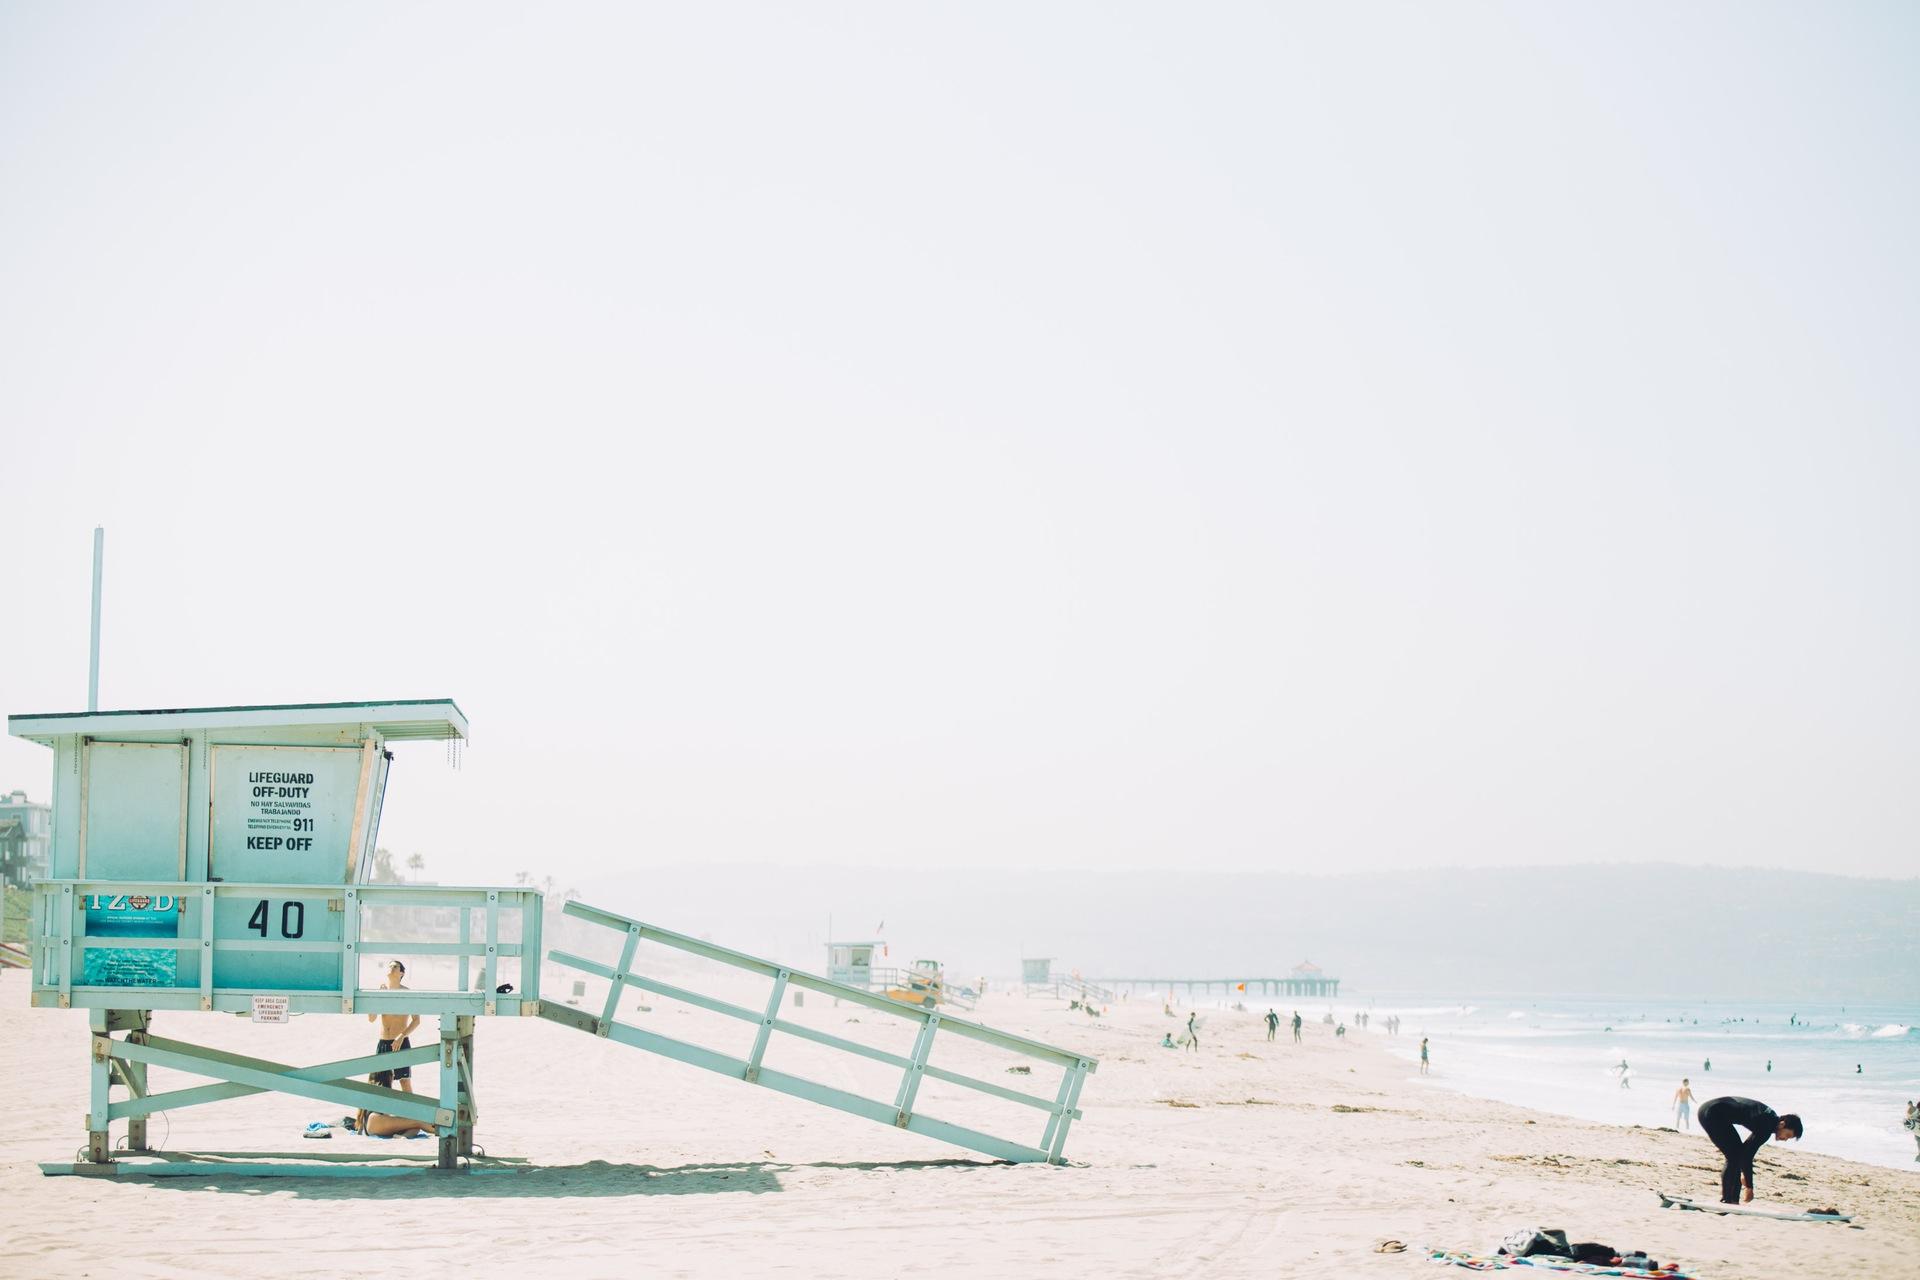 समुद्र तट, रेत, चौकीदार, टॉवर, लाईफगार्ड, सागर - HD वॉलपेपर - प्रोफेसर-falken.com